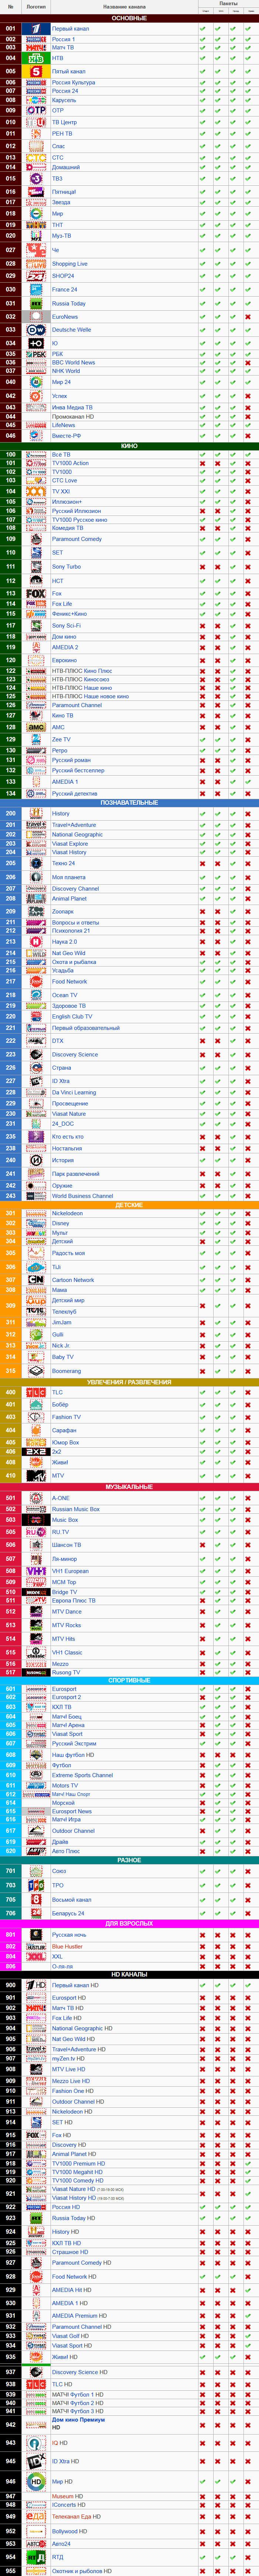 Список каналов